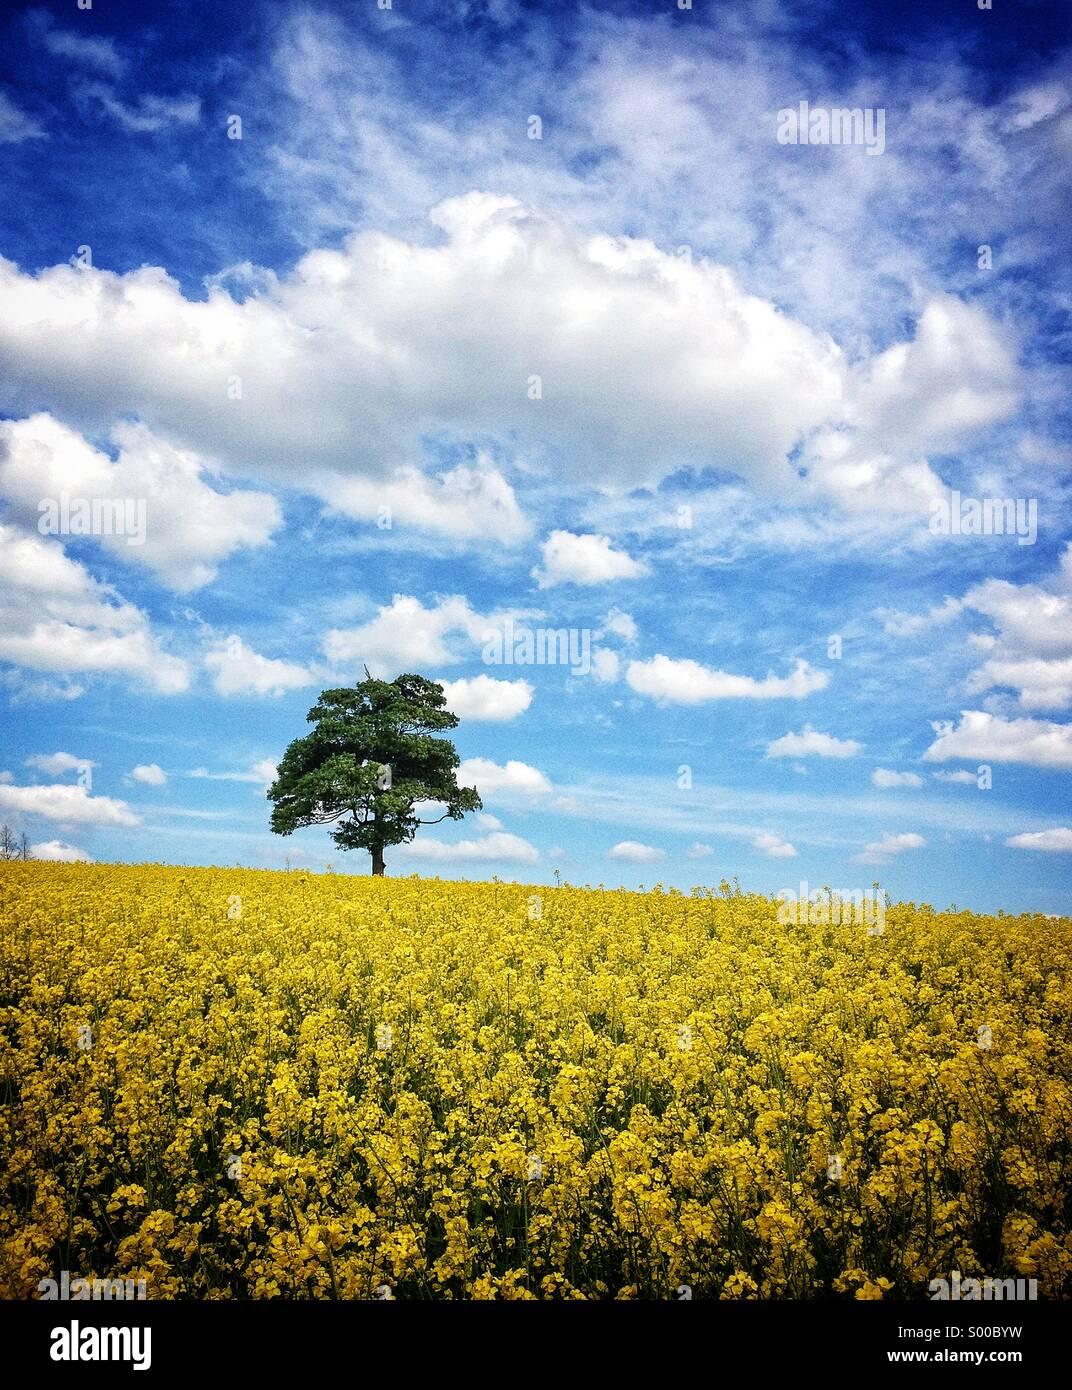 Einsamer Baum in einem Feld von Ölsaaten, Warwickshire, UK Stockbild